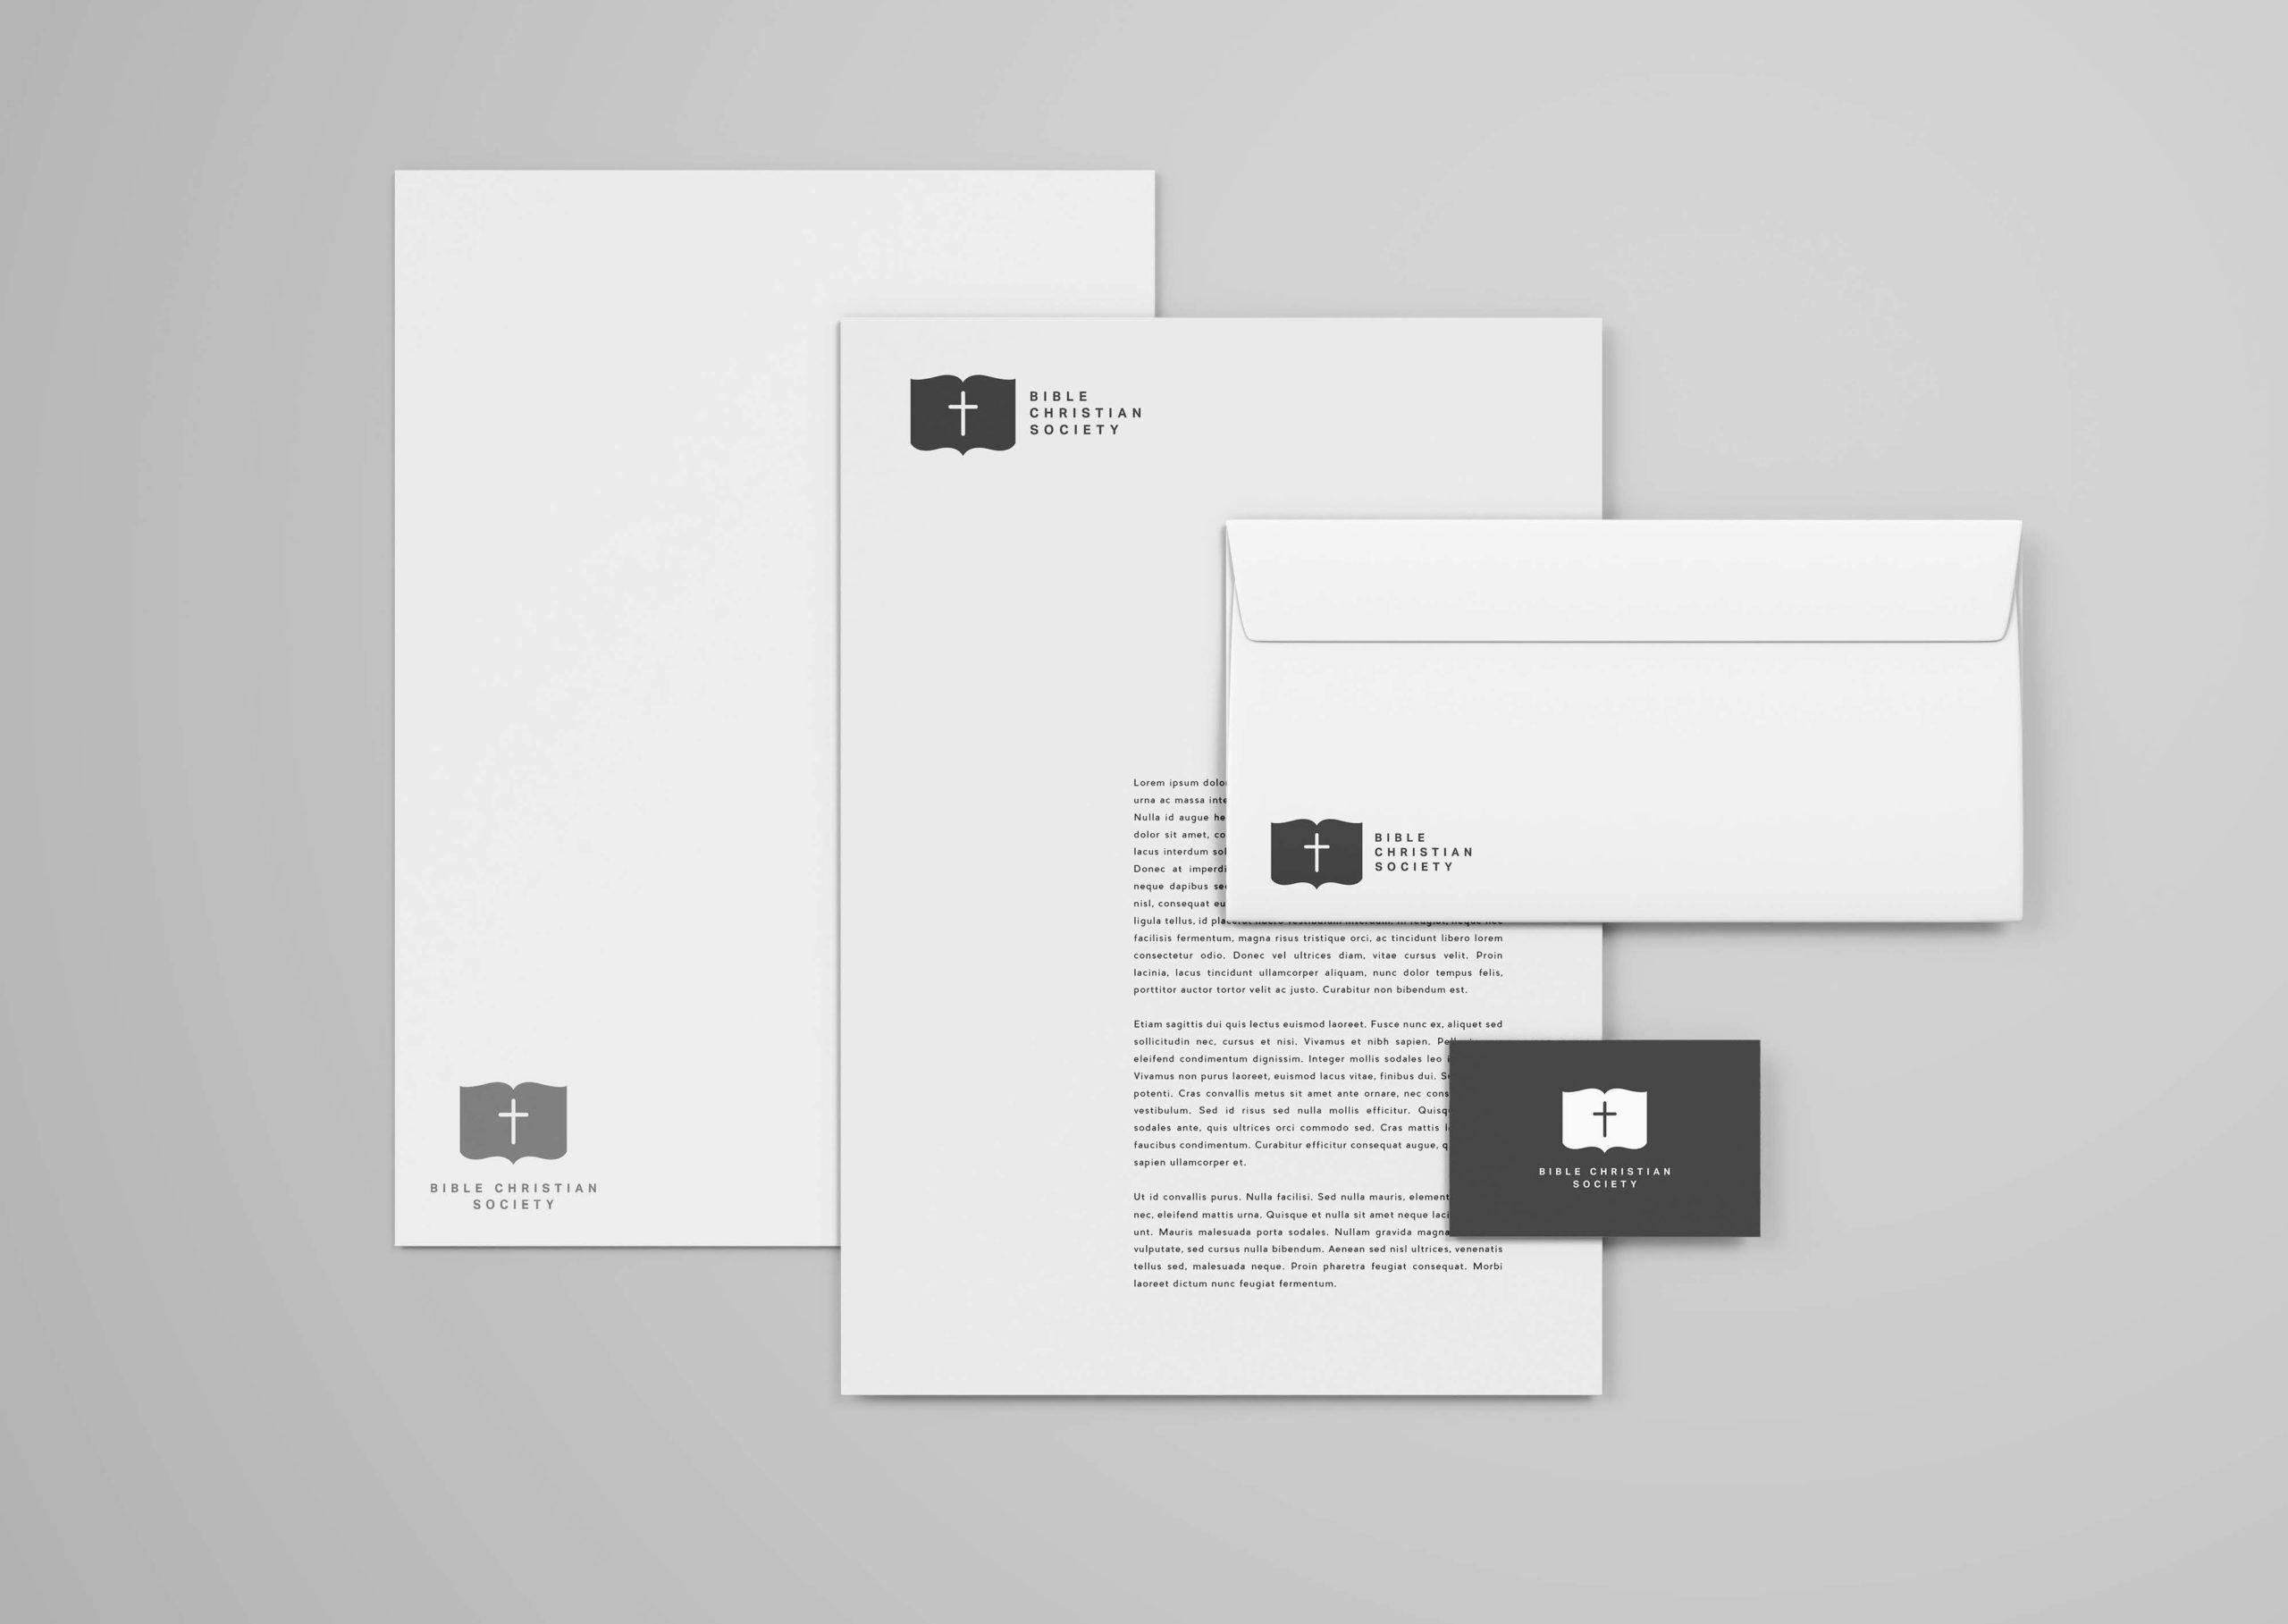 BCS_LogoManual-Materials